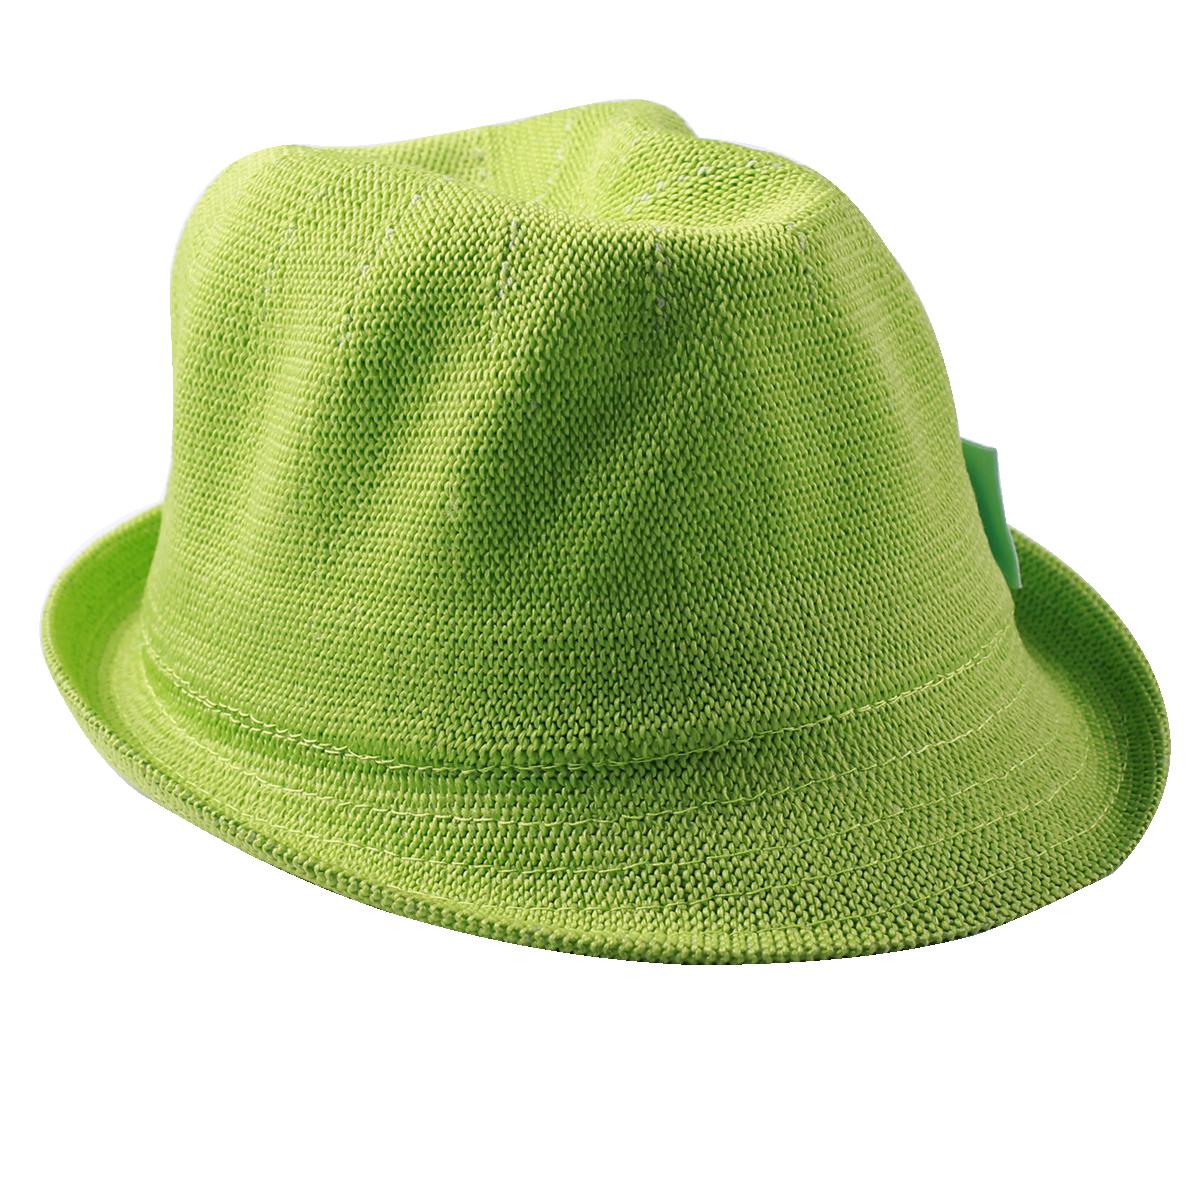 Mũ đa phong cách màu xanh lá